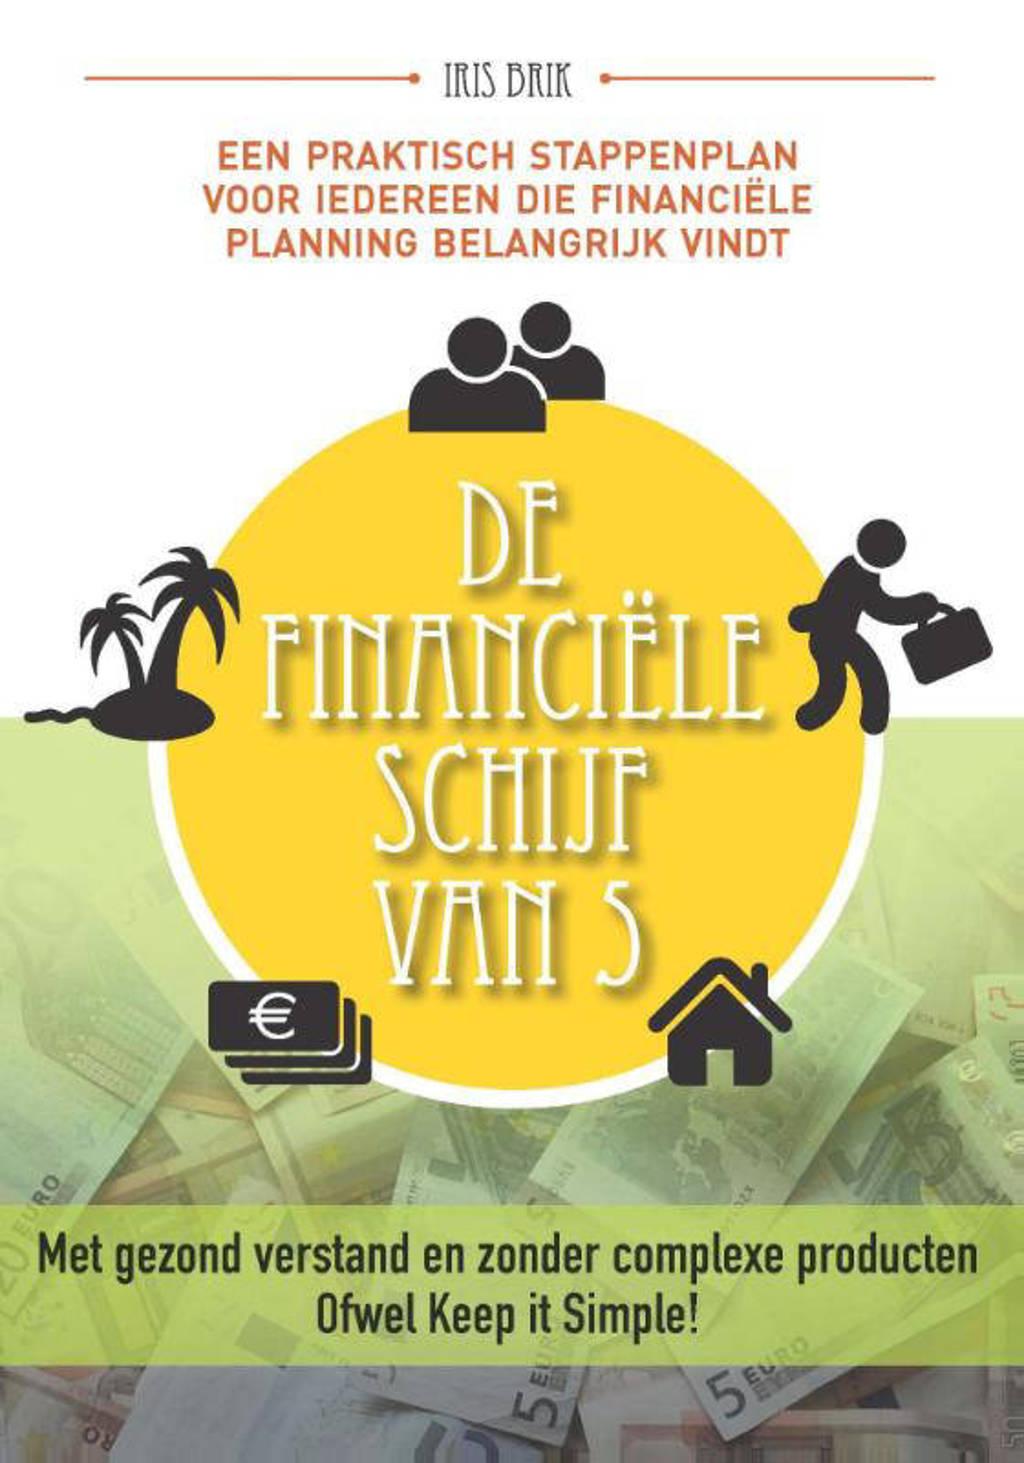 De financiële schijf van 5 - Iris Brik